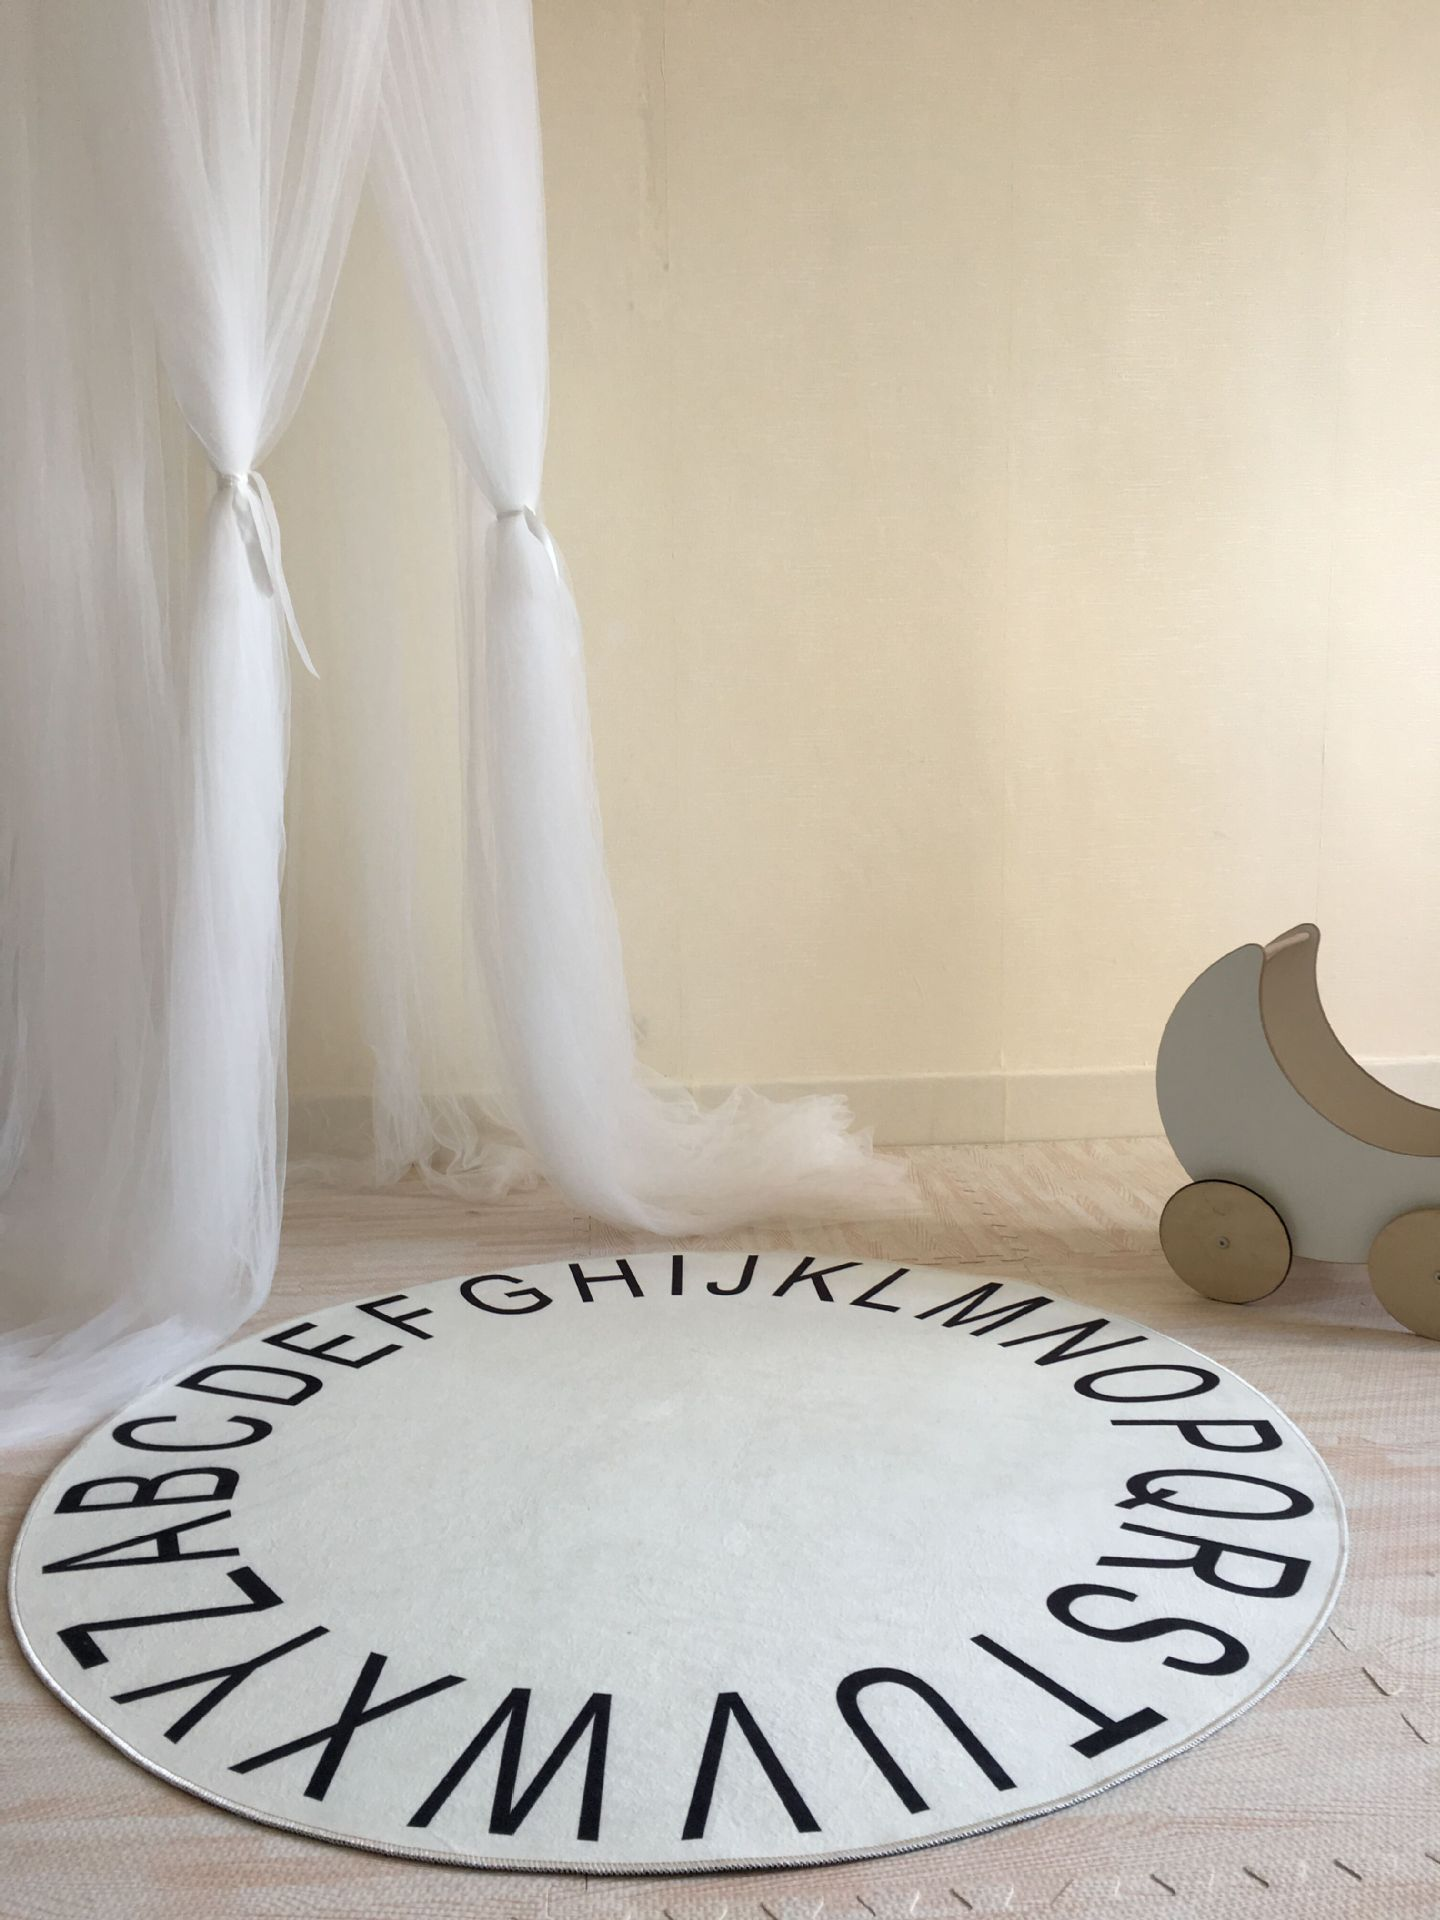 Coton blanc tapis ABC tapis 26 anglais mot lettre tapis tapis enfants photographie toile de fond décoration de chambre pour tente paly